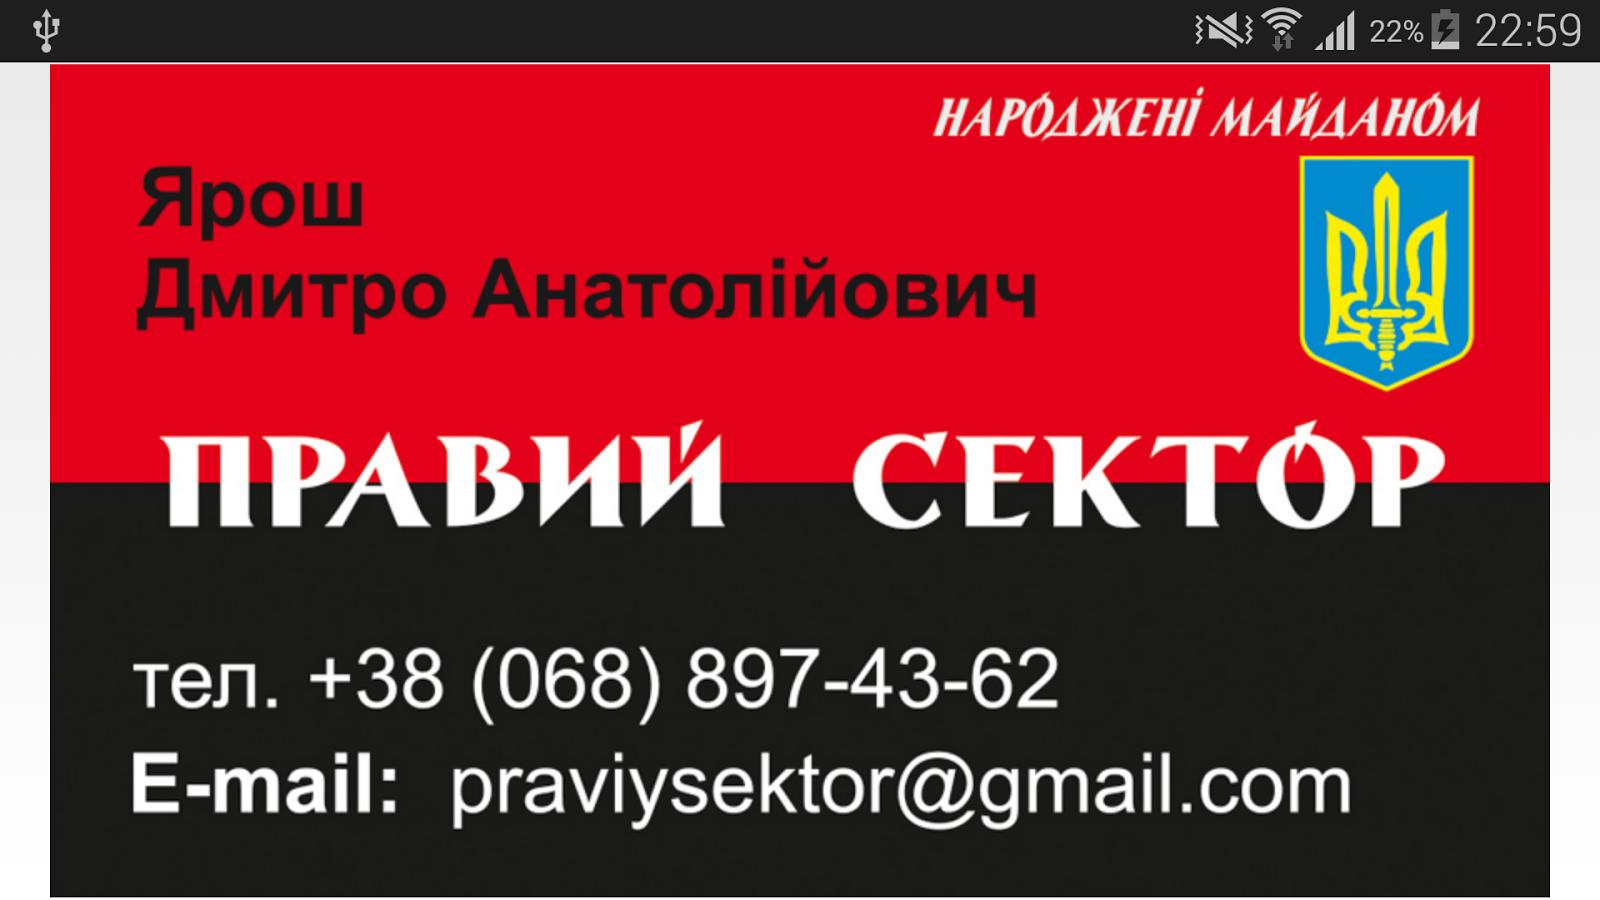 Порошенко и премьер Баварии Зеехофер договорились восстановить деятельность Постоянной украинско-баварской рабочей комиссии - Цензор.НЕТ 4980